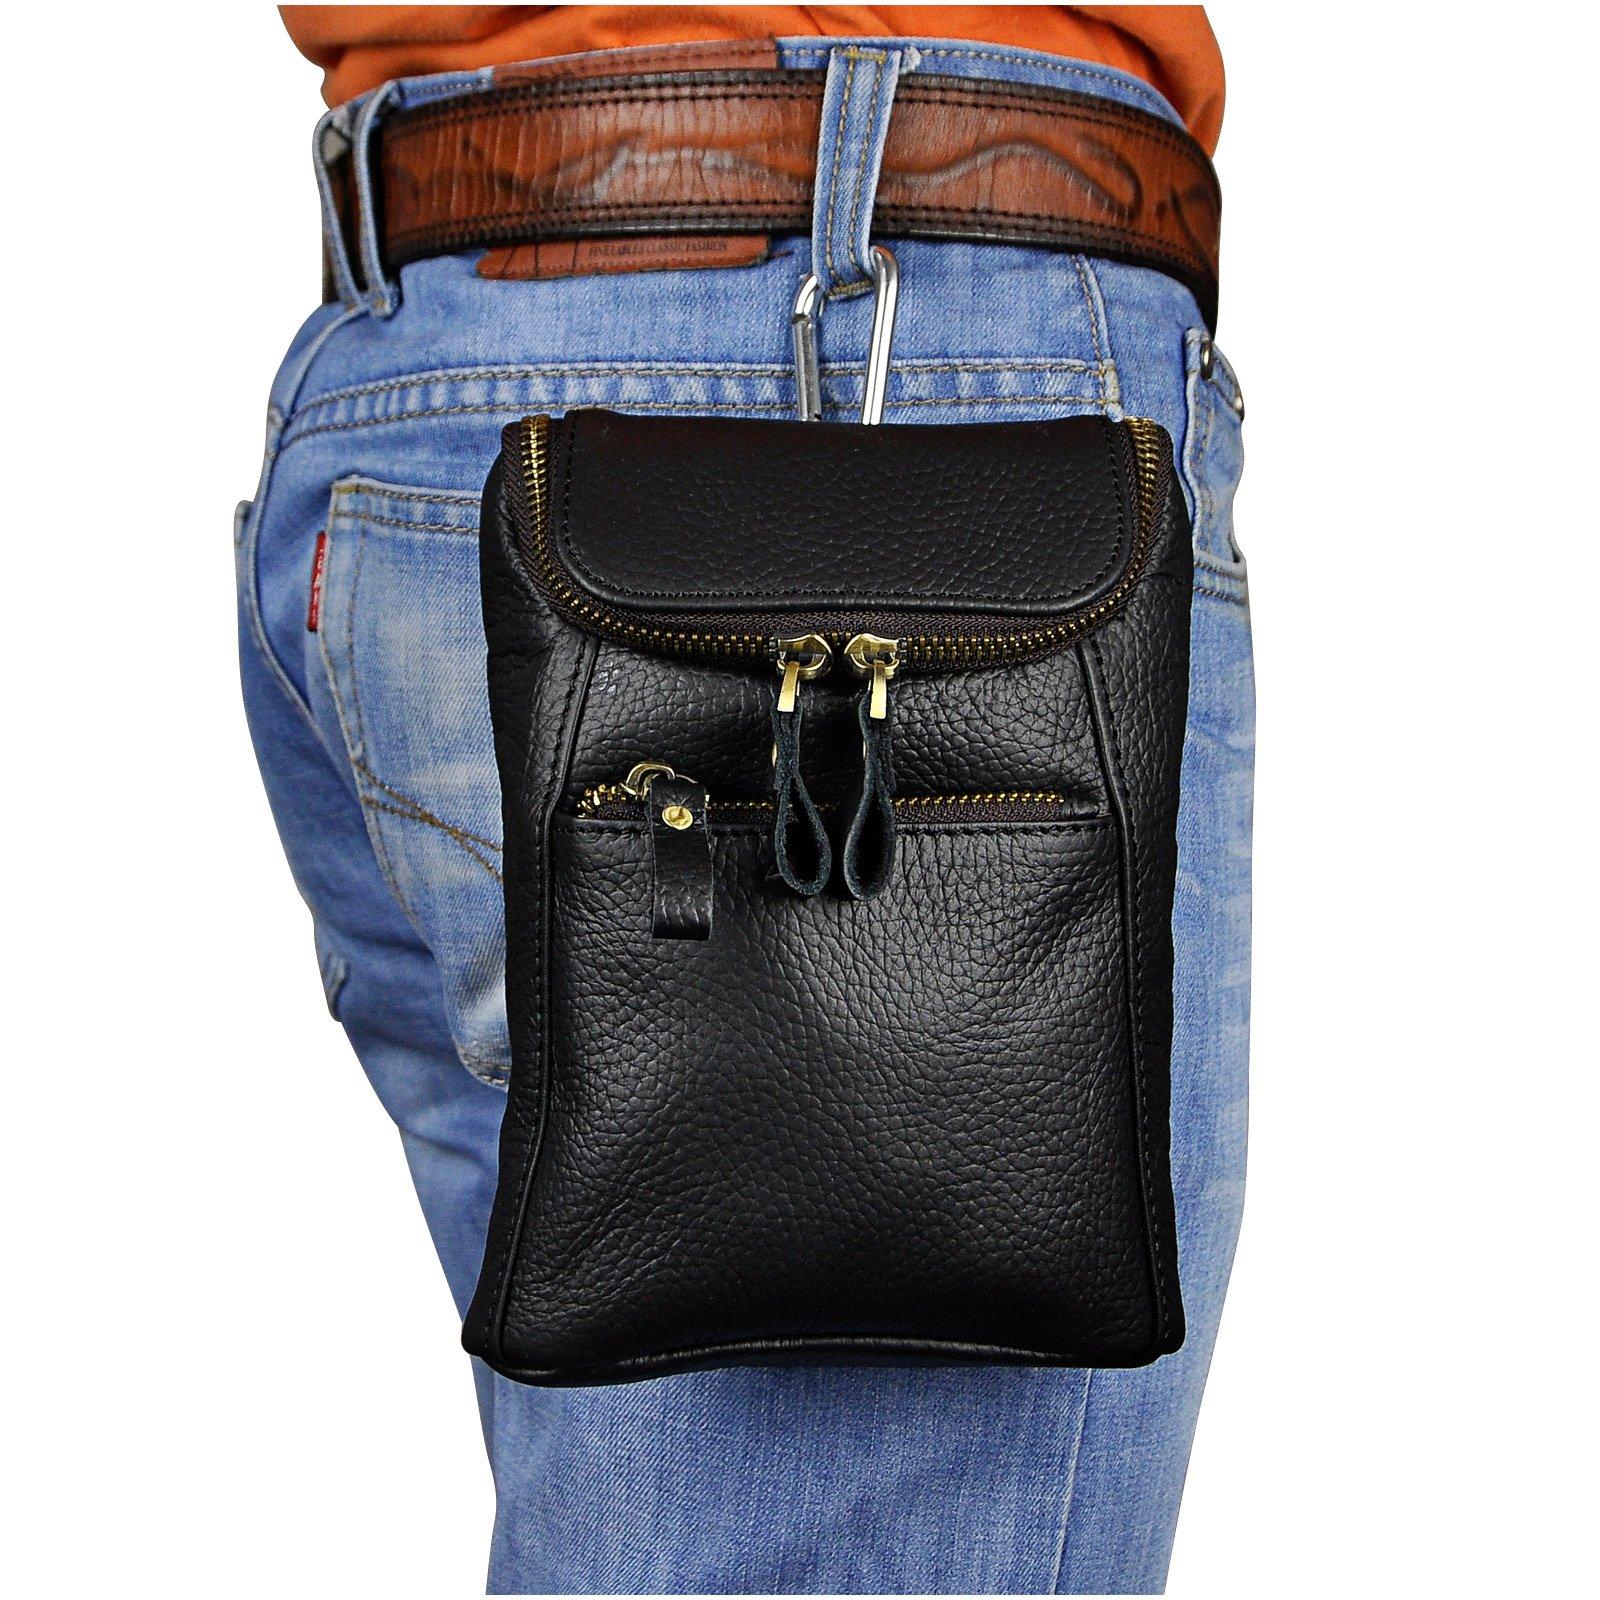 Le'aokuu Mens Genuine Leather Mini Messenger Shoulder Bag Pouch Hook Waist Bag Pack (The Black)